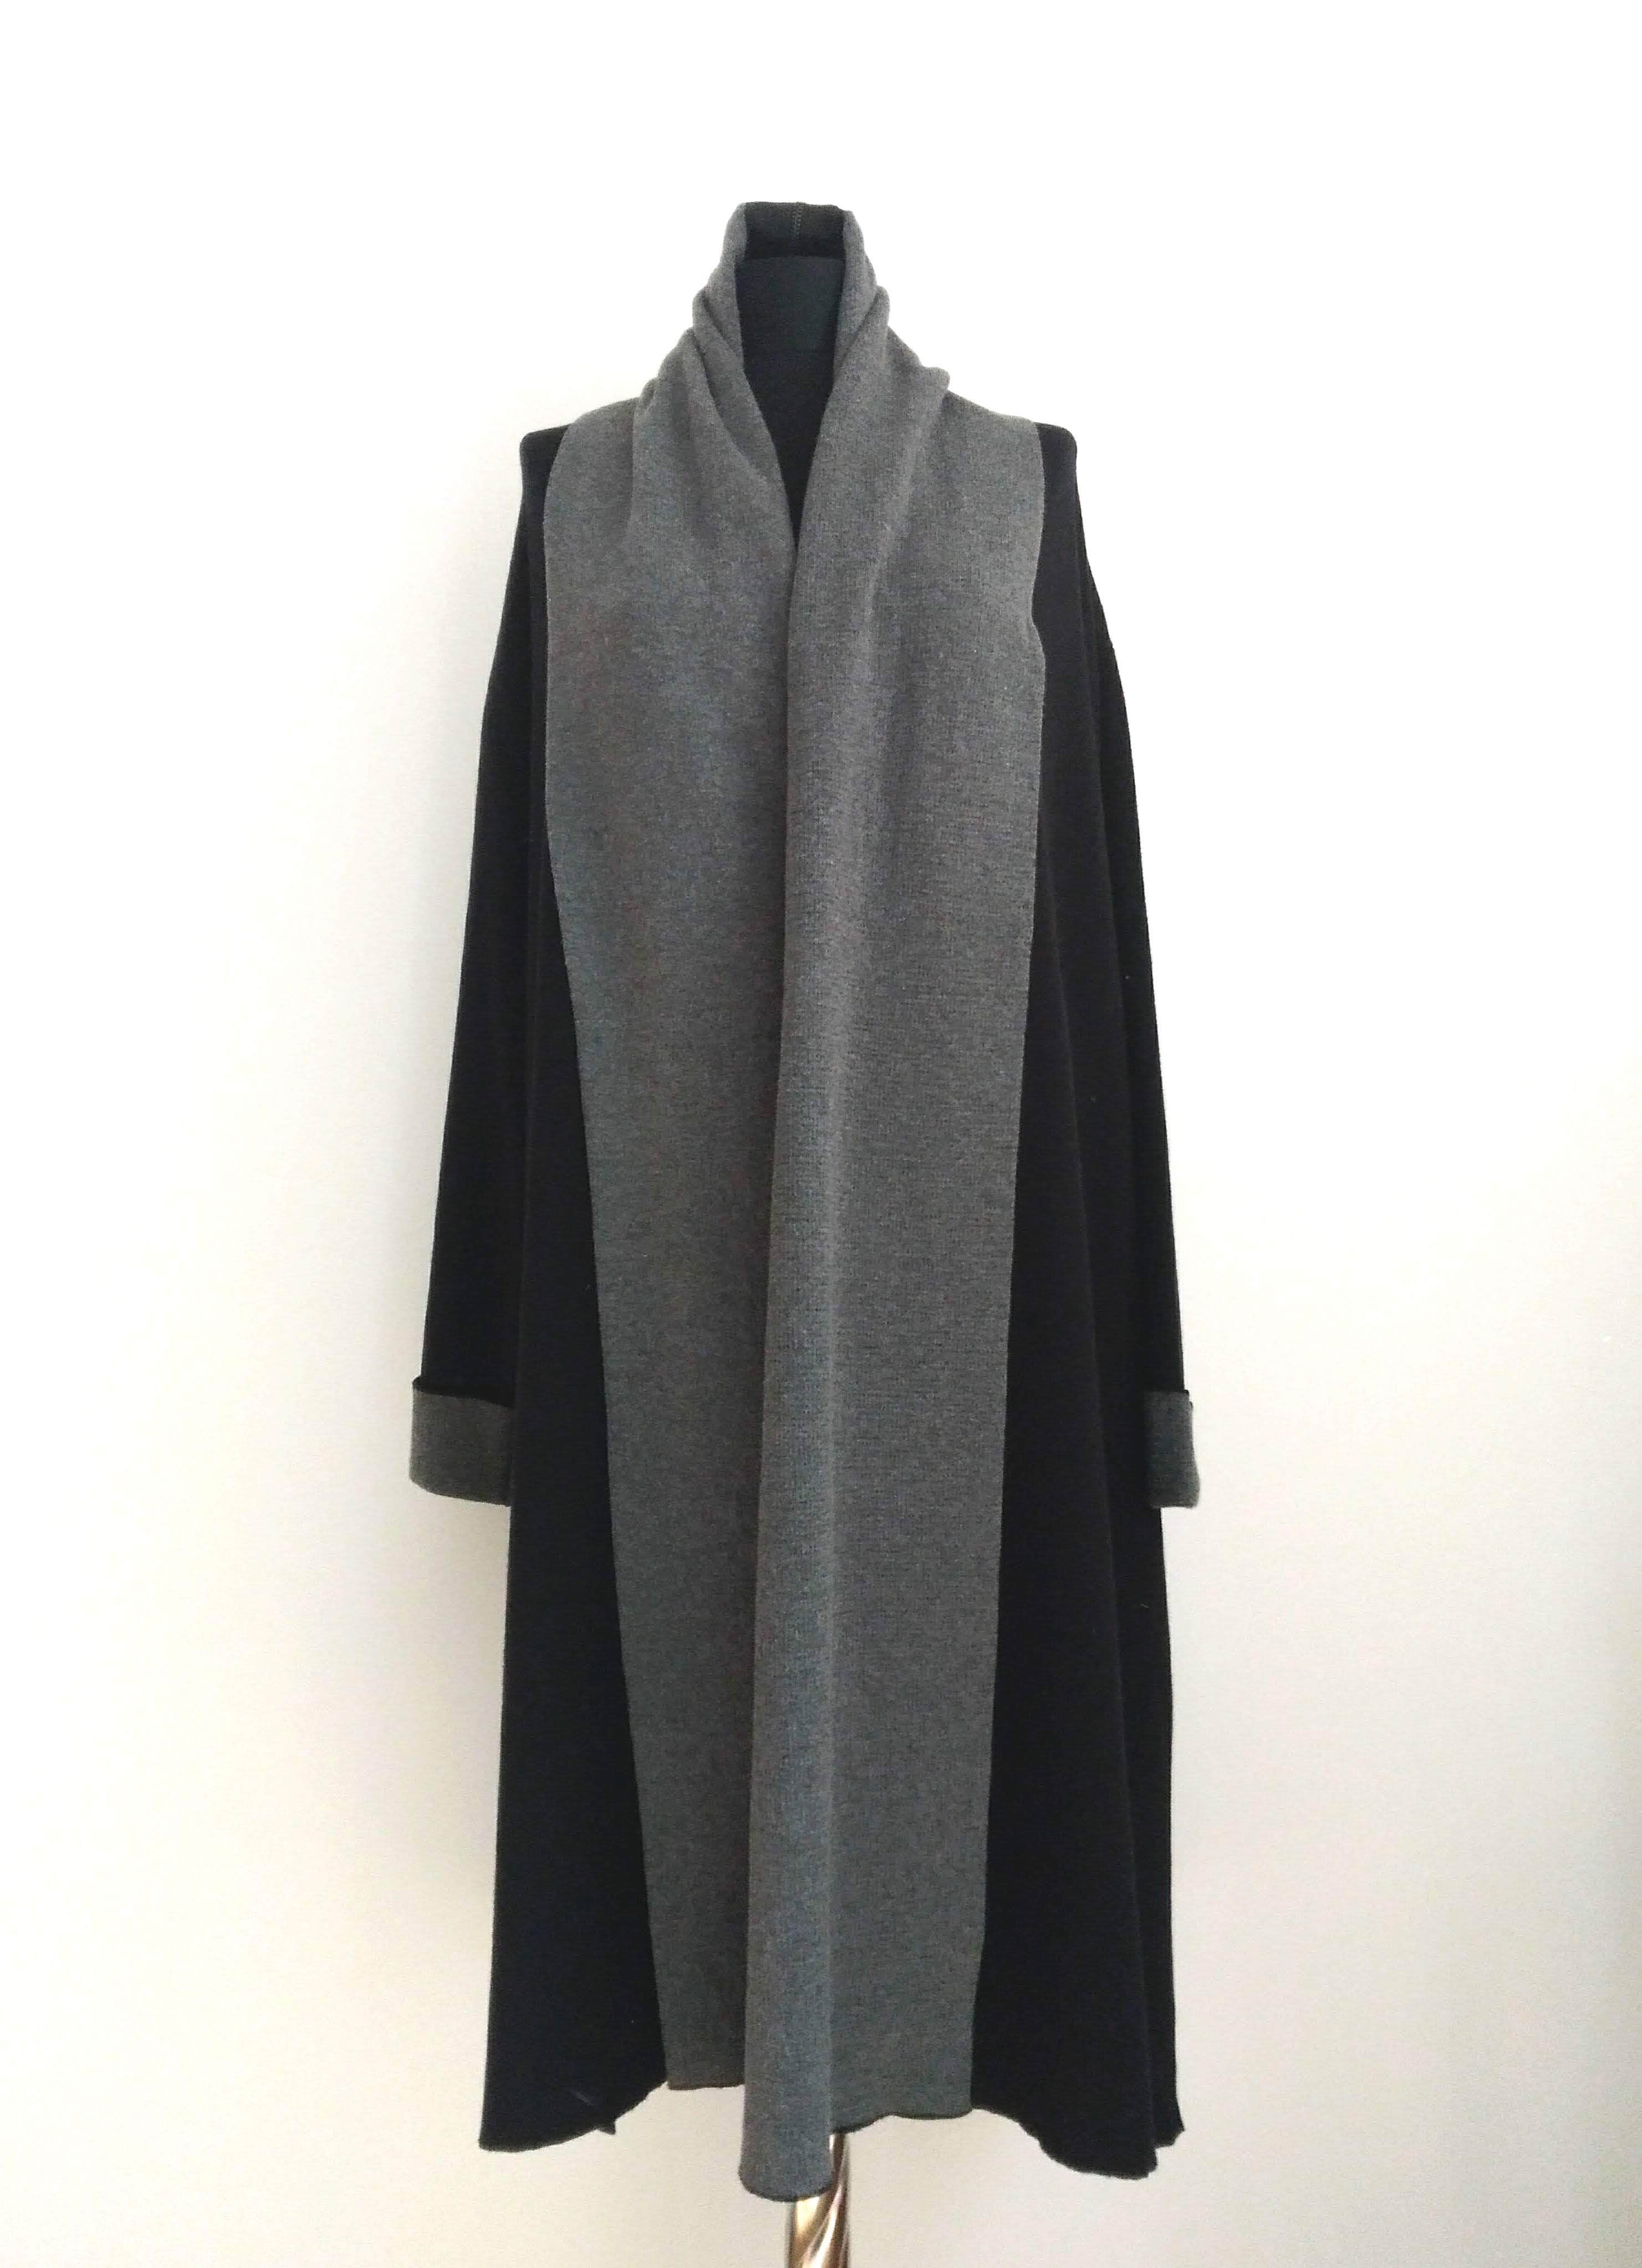 Cotton100% Knitting coat Navy&Chacole  コットンニットコートネイビー&チャコール